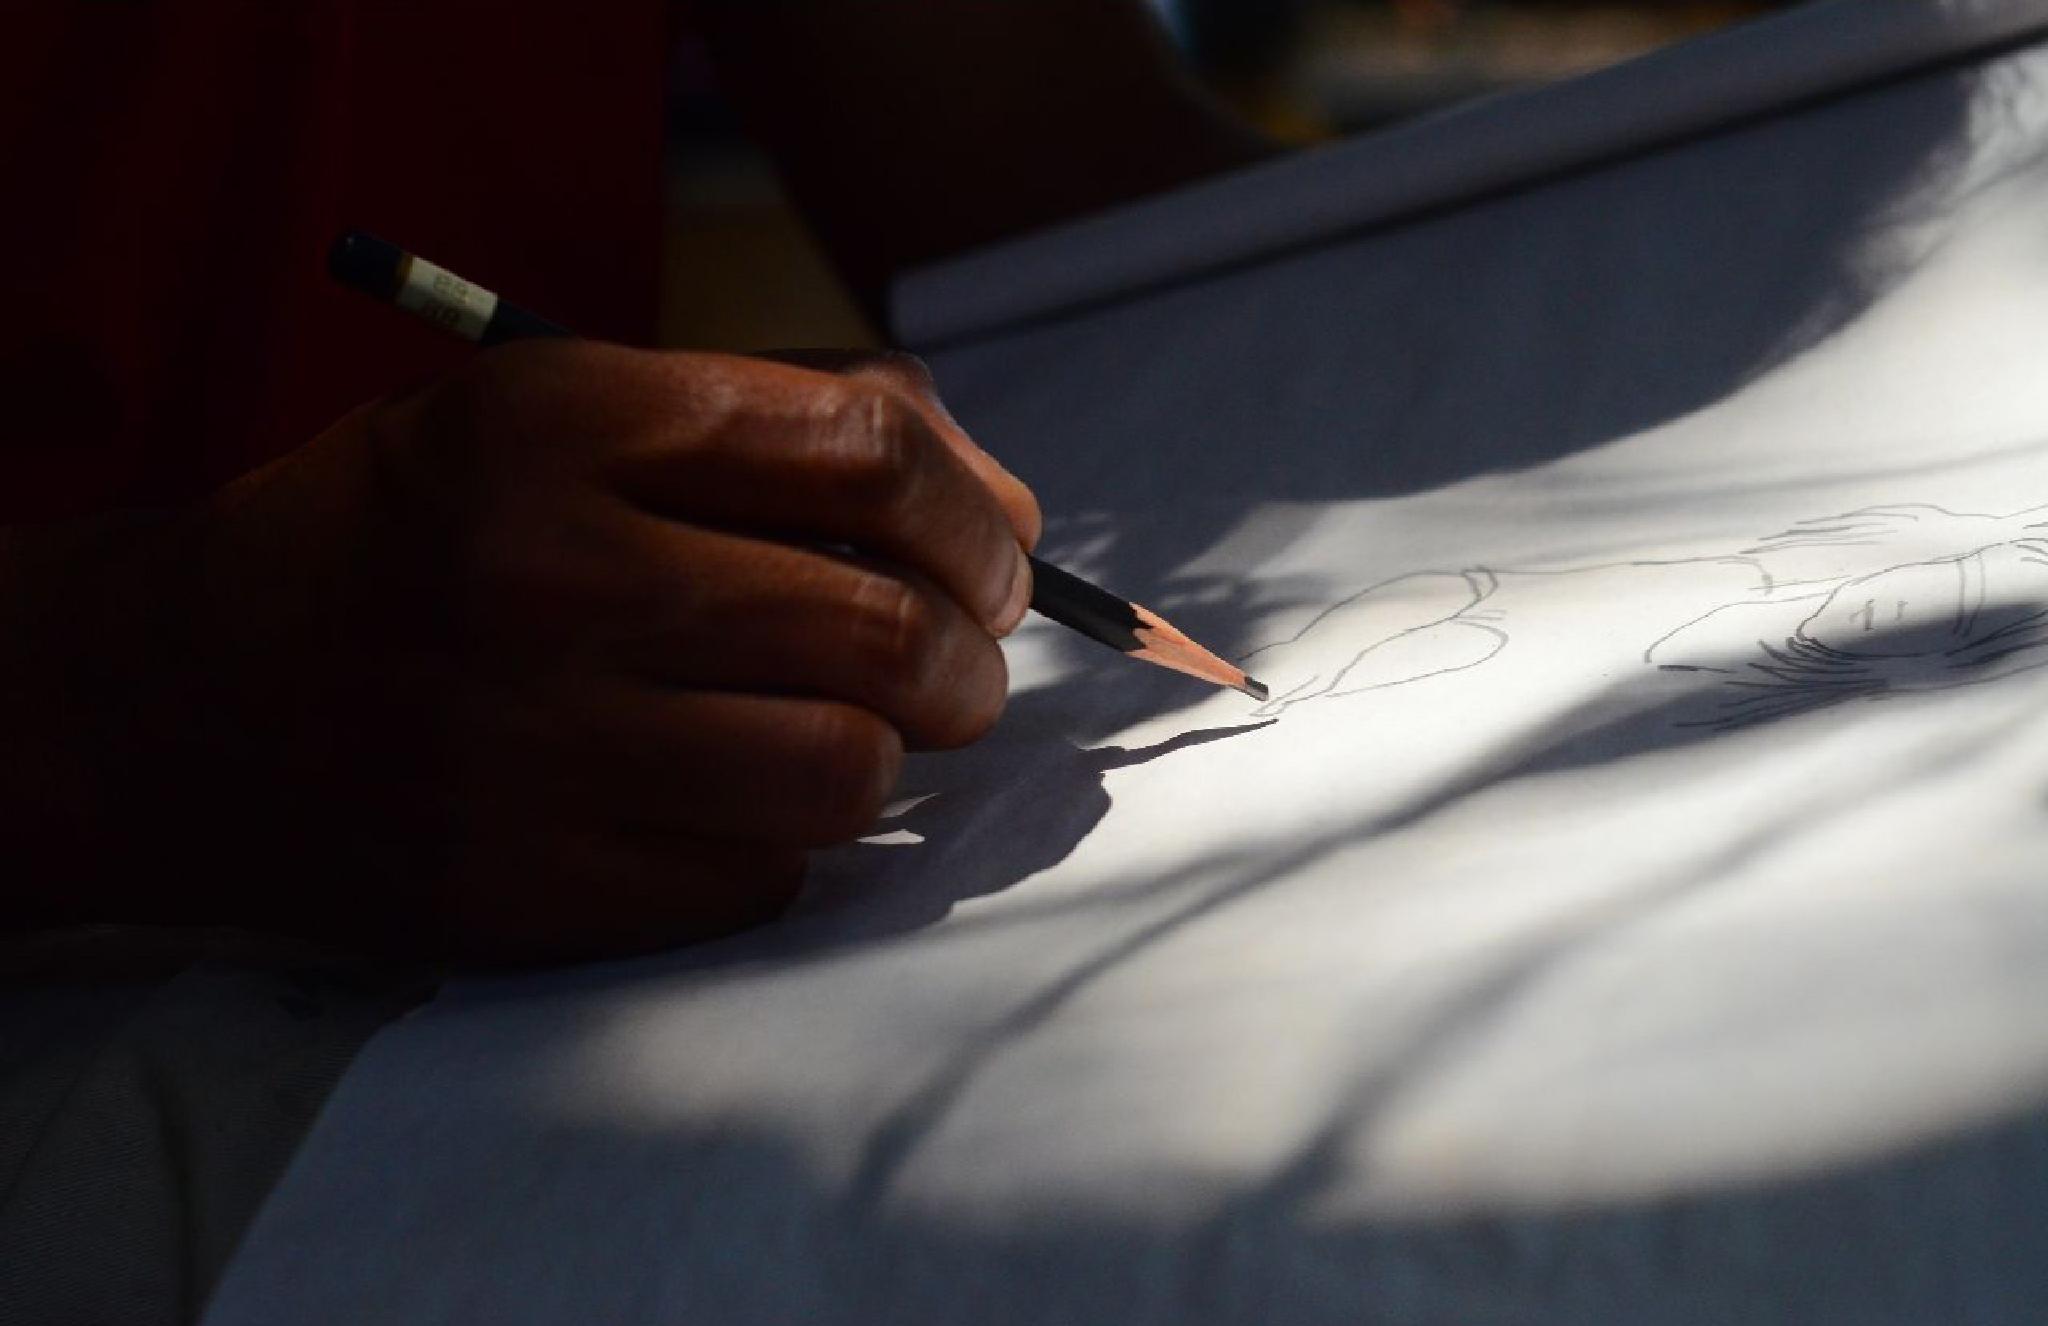 Budding artist by Rauf